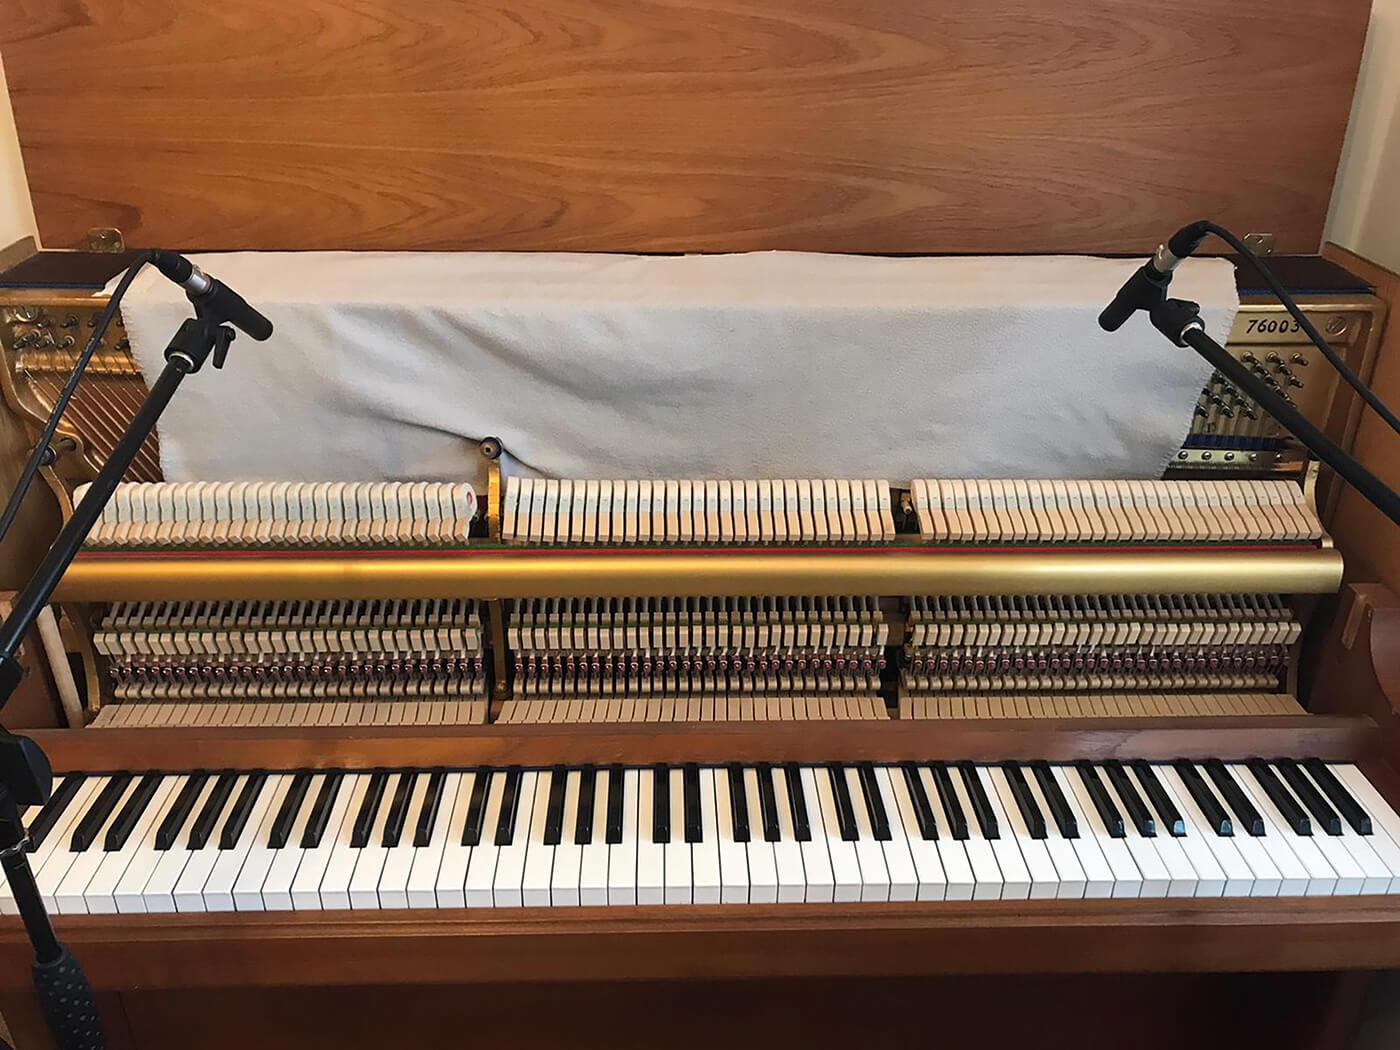 How to use felt pianos - Tutorial Step 4